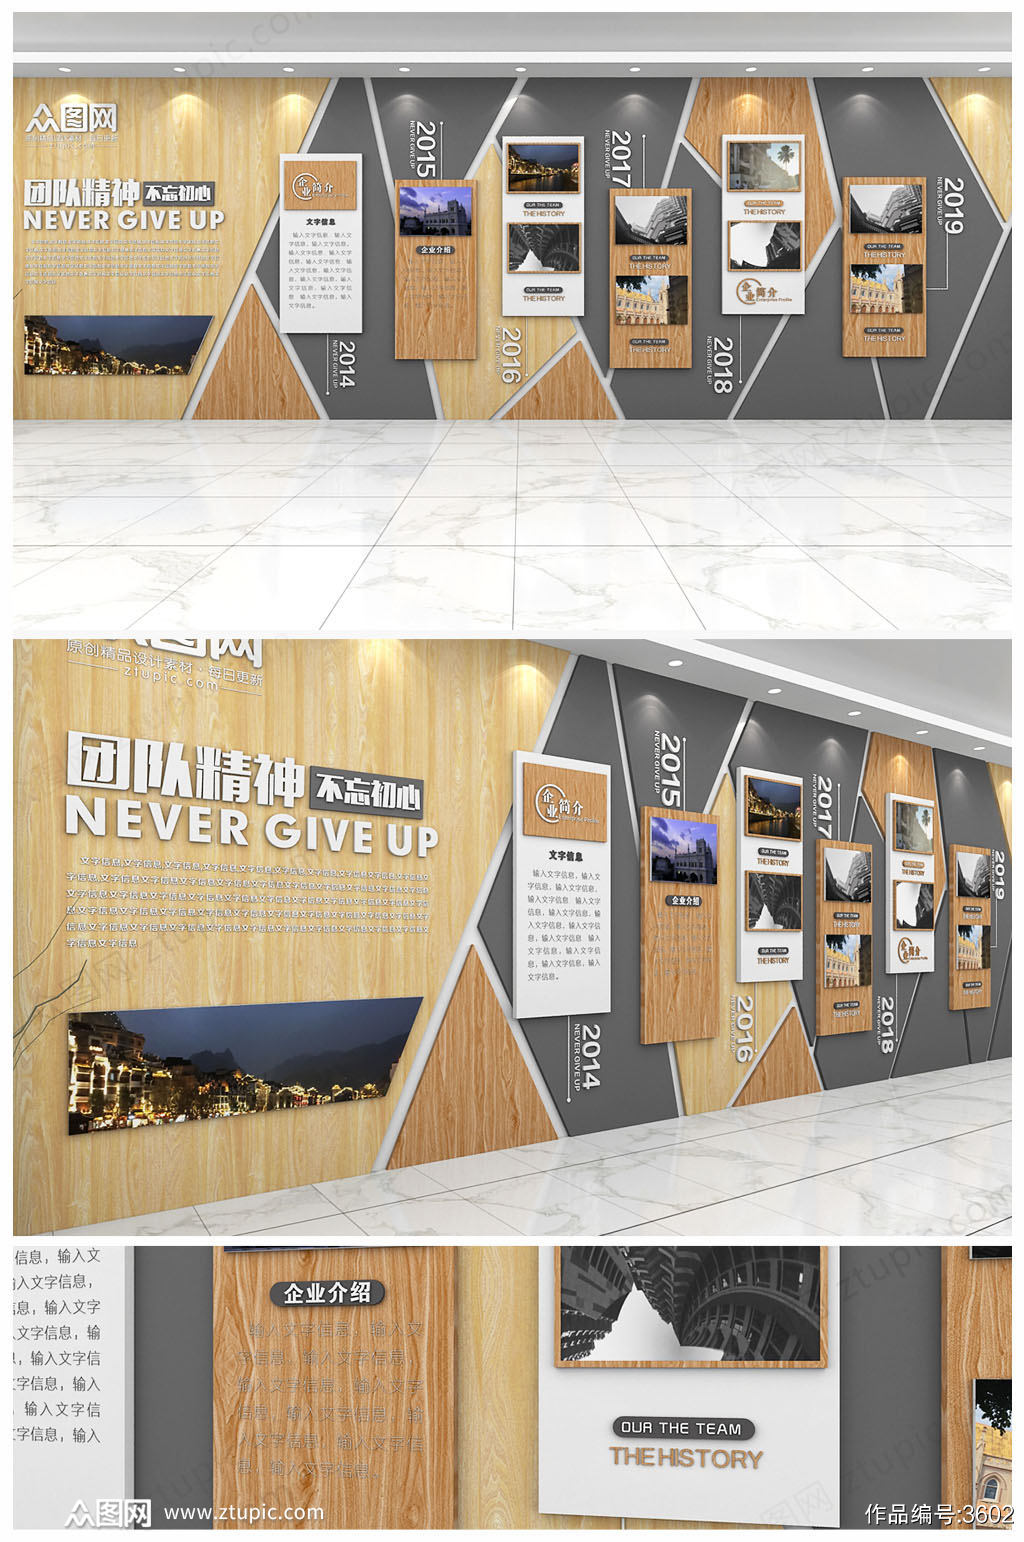 中式古典木质企业文化墙公司走廊文化墙设计素材